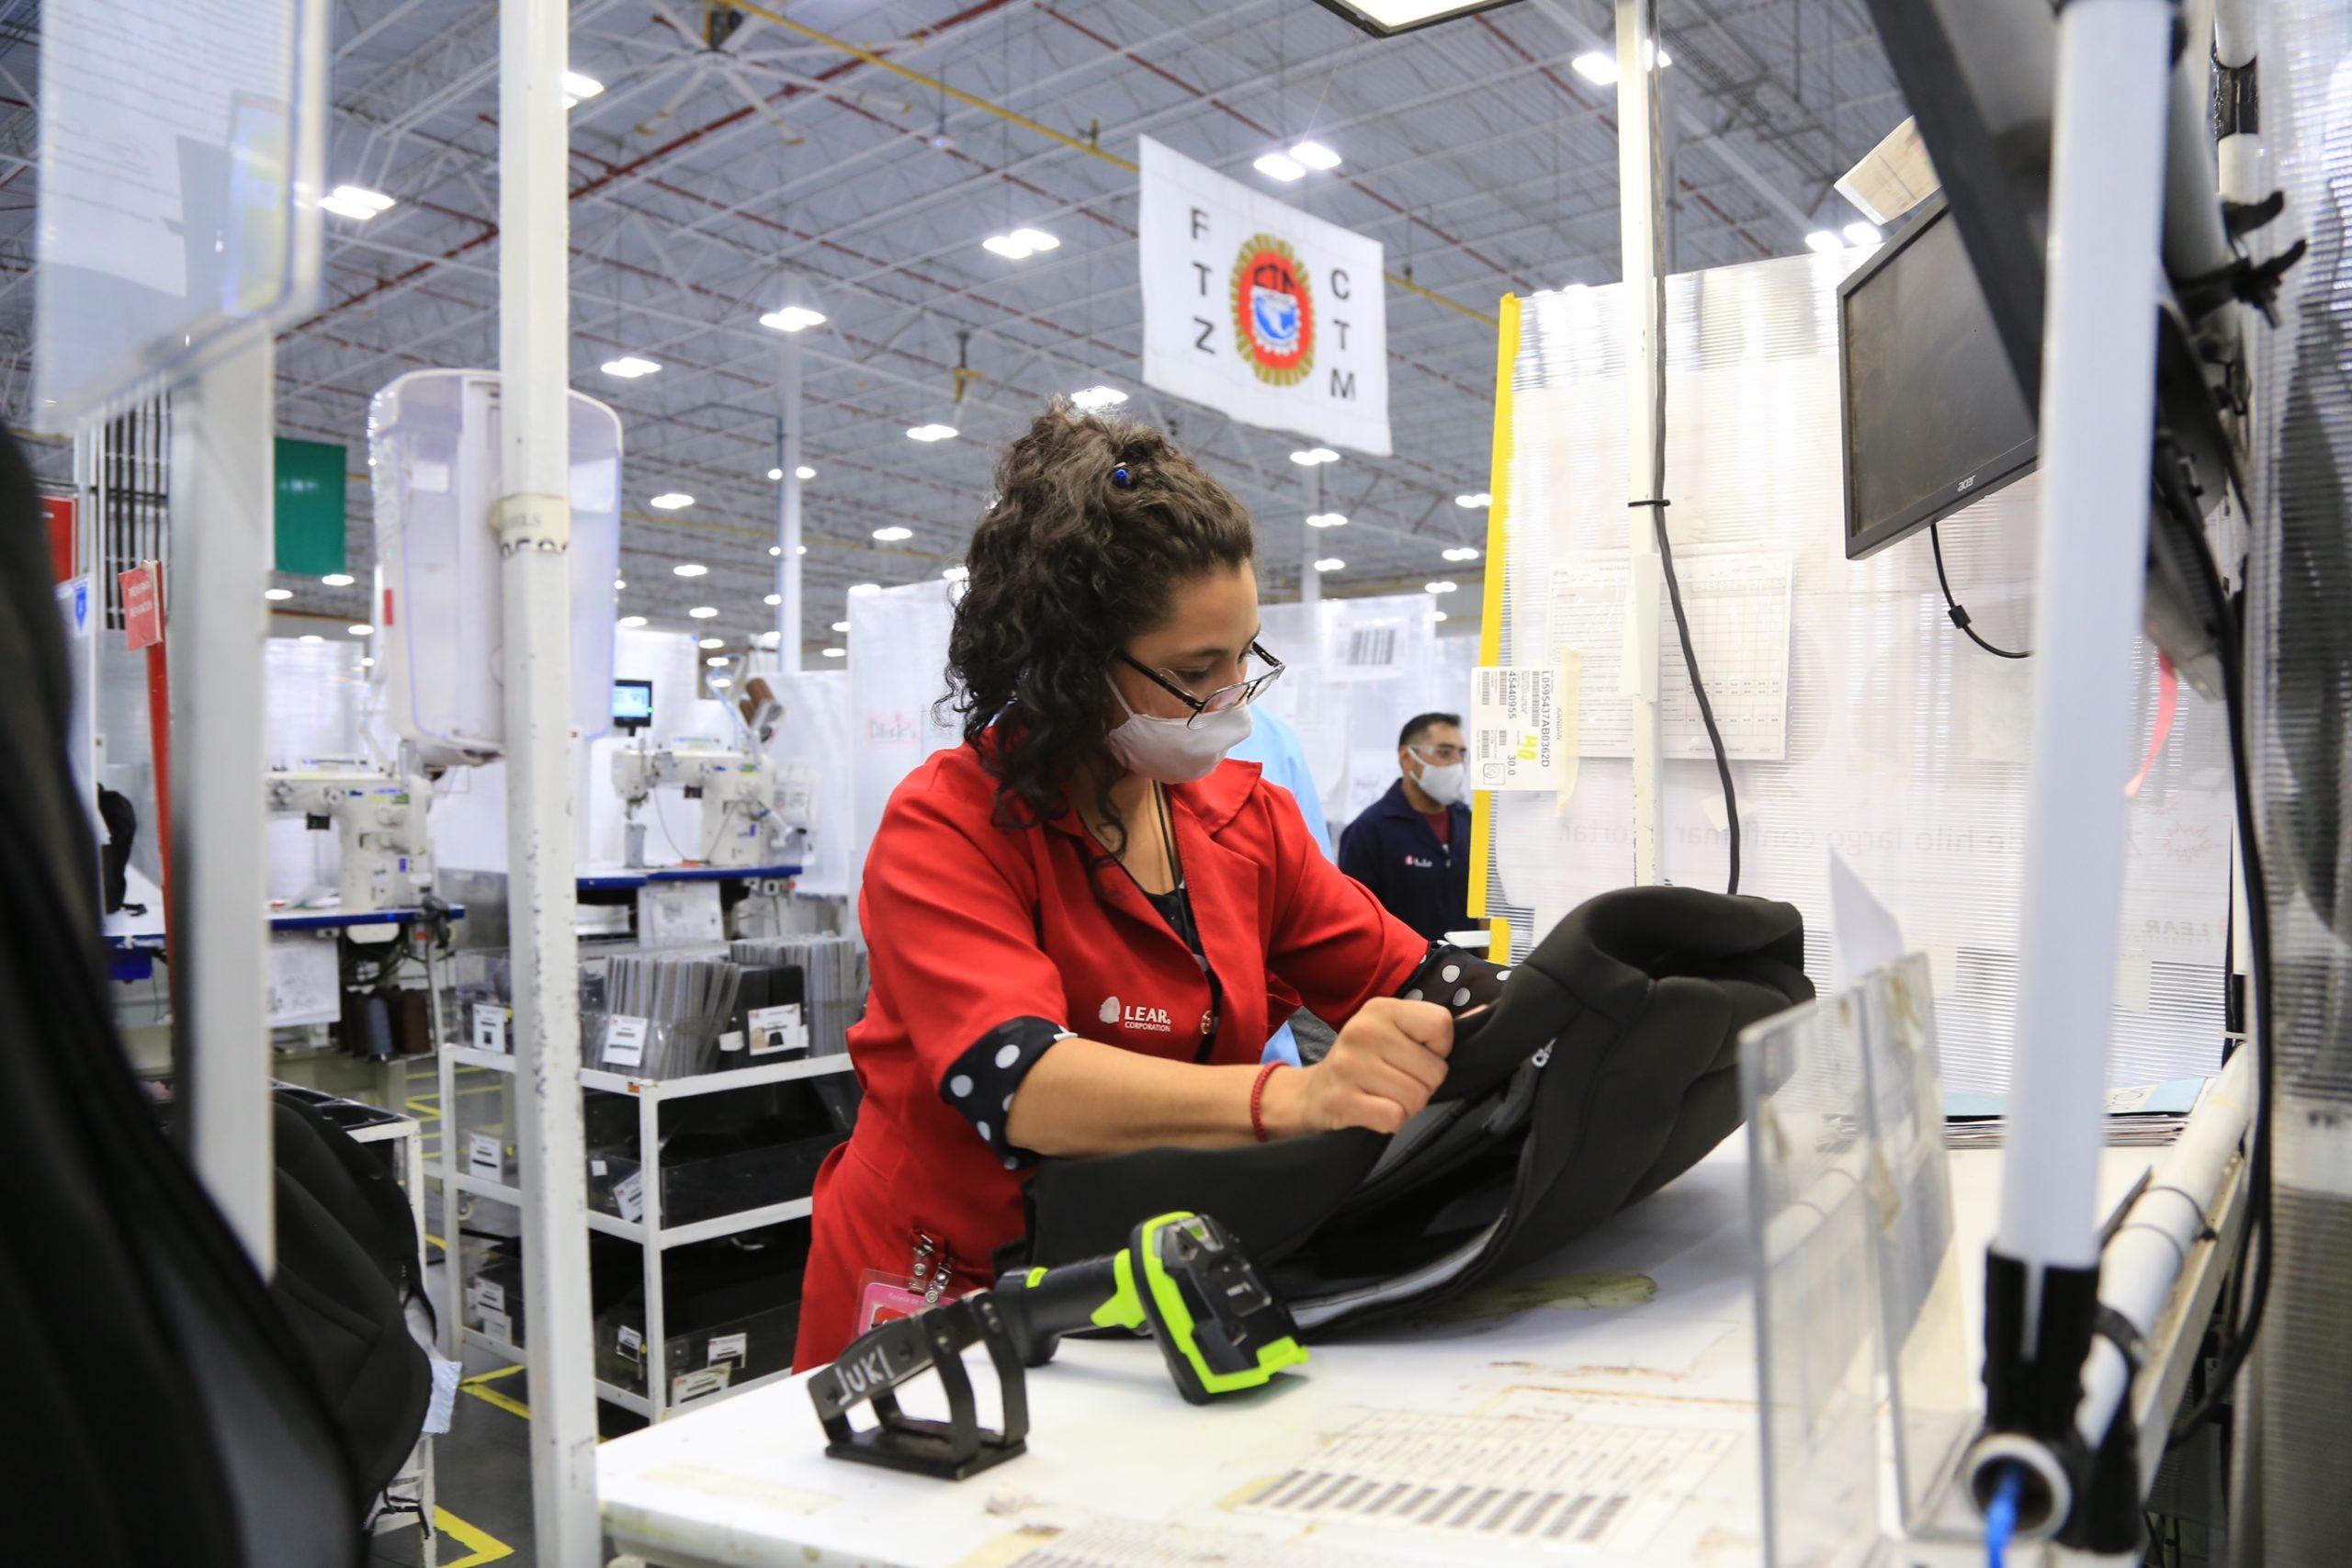 Planta de Lear Corporation en Zacatecas / @gobiernozac / crecimiento económico